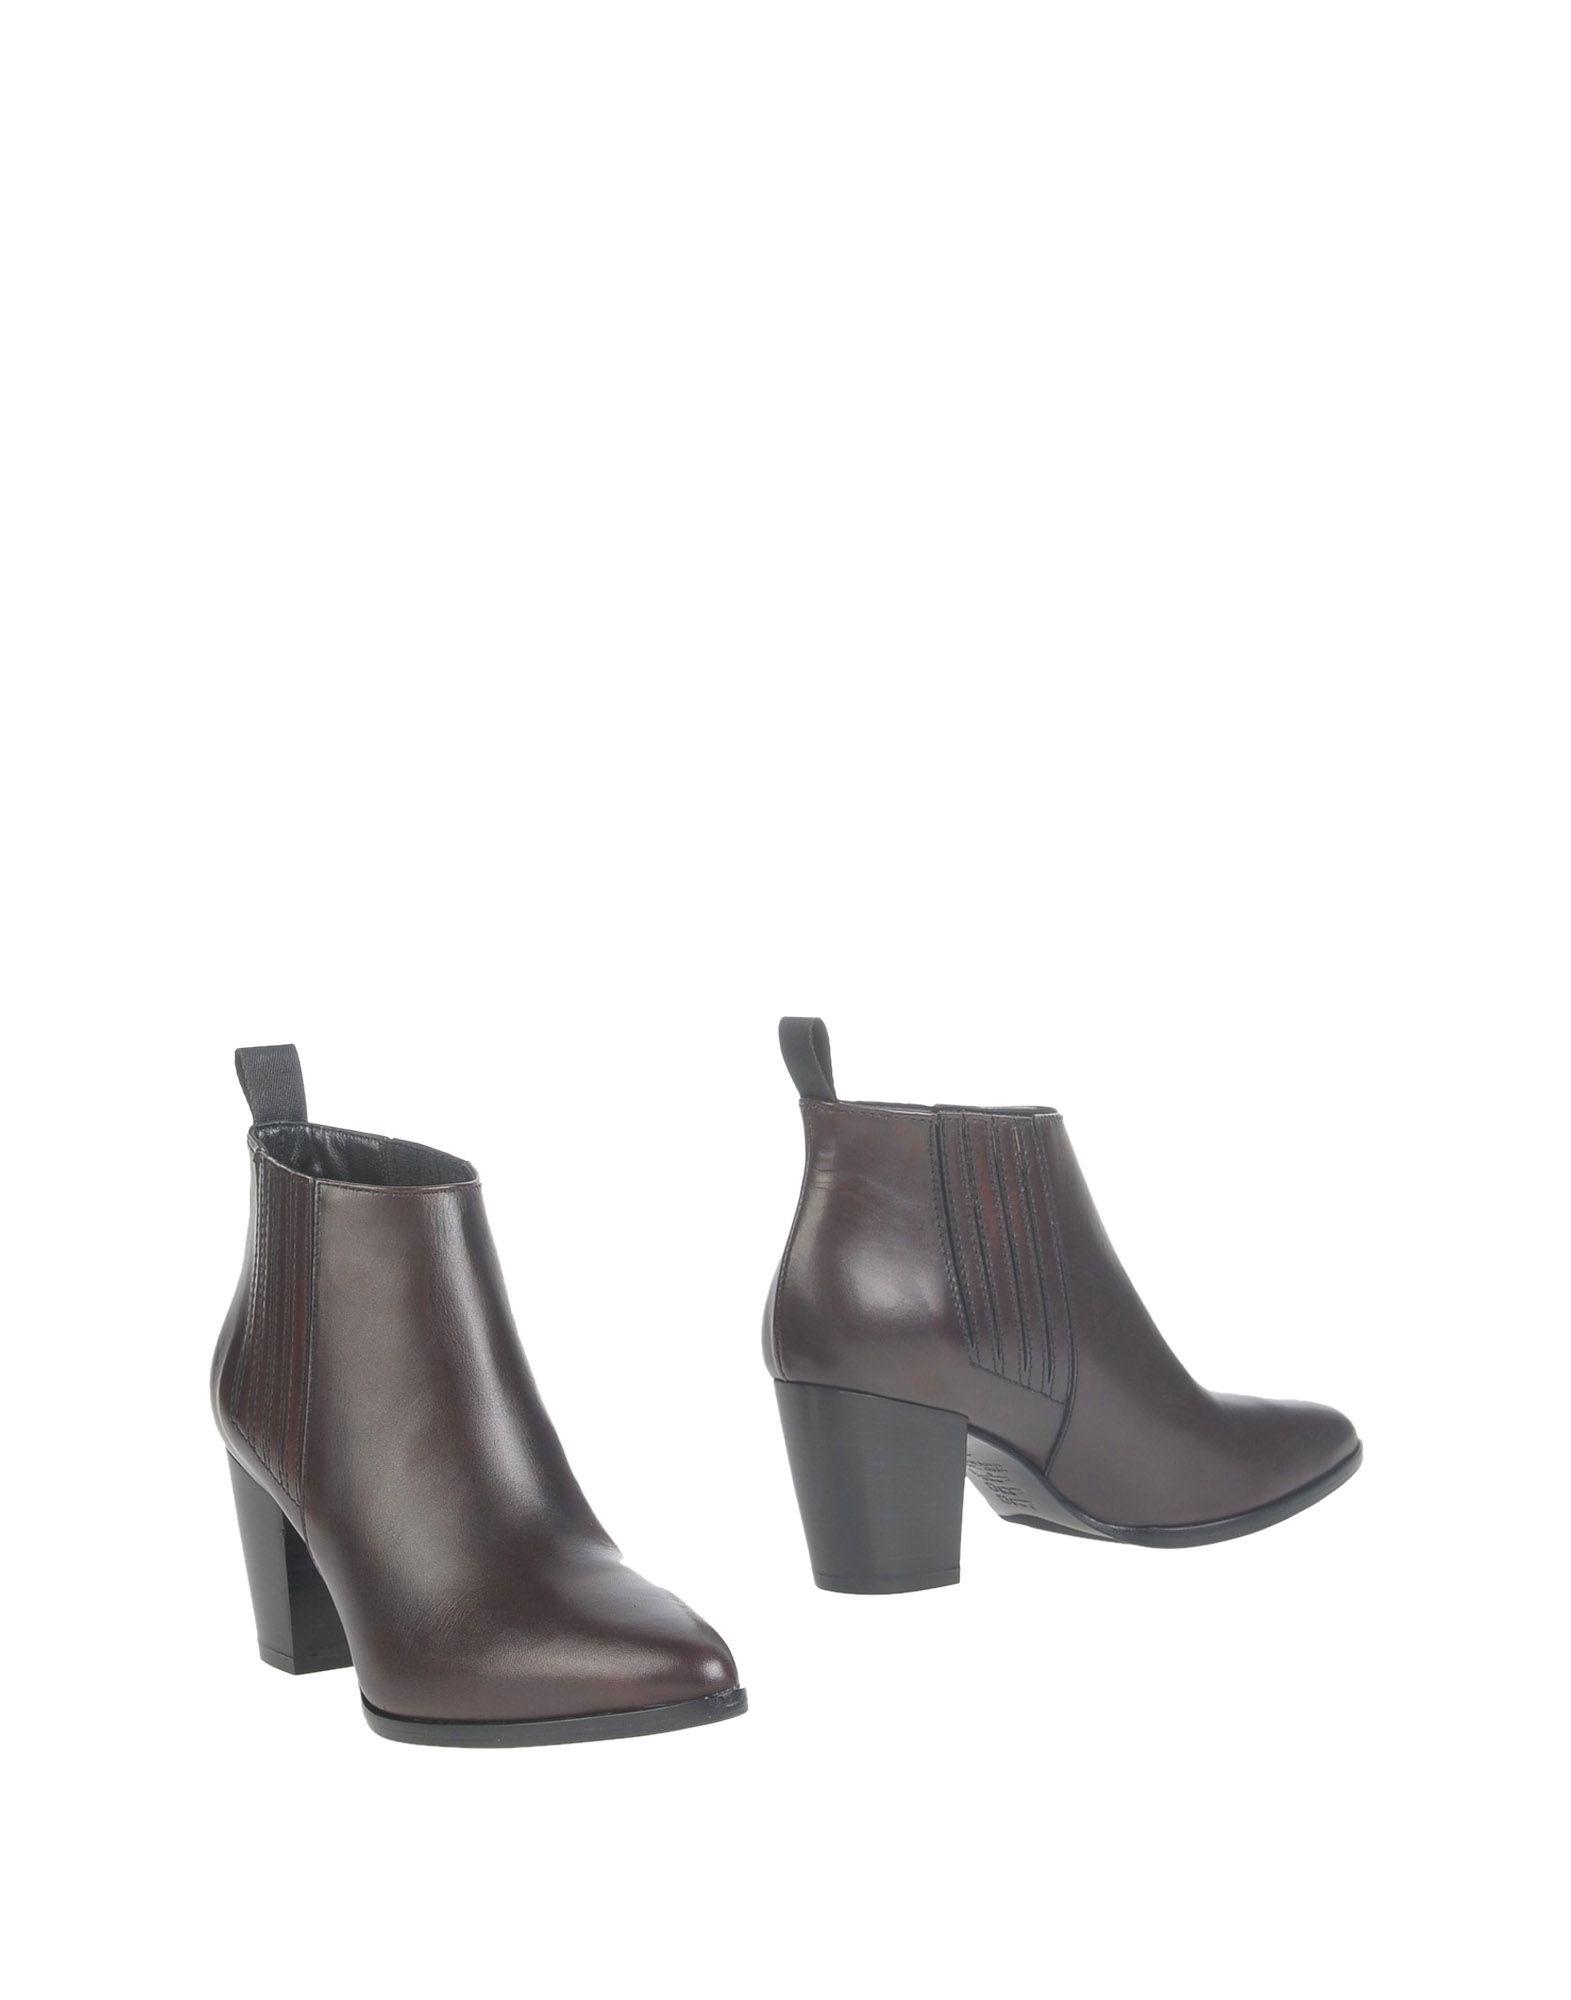 Roberto Festa Stiefelette Damen  11285102UM Gute Qualität beliebte Schuhe